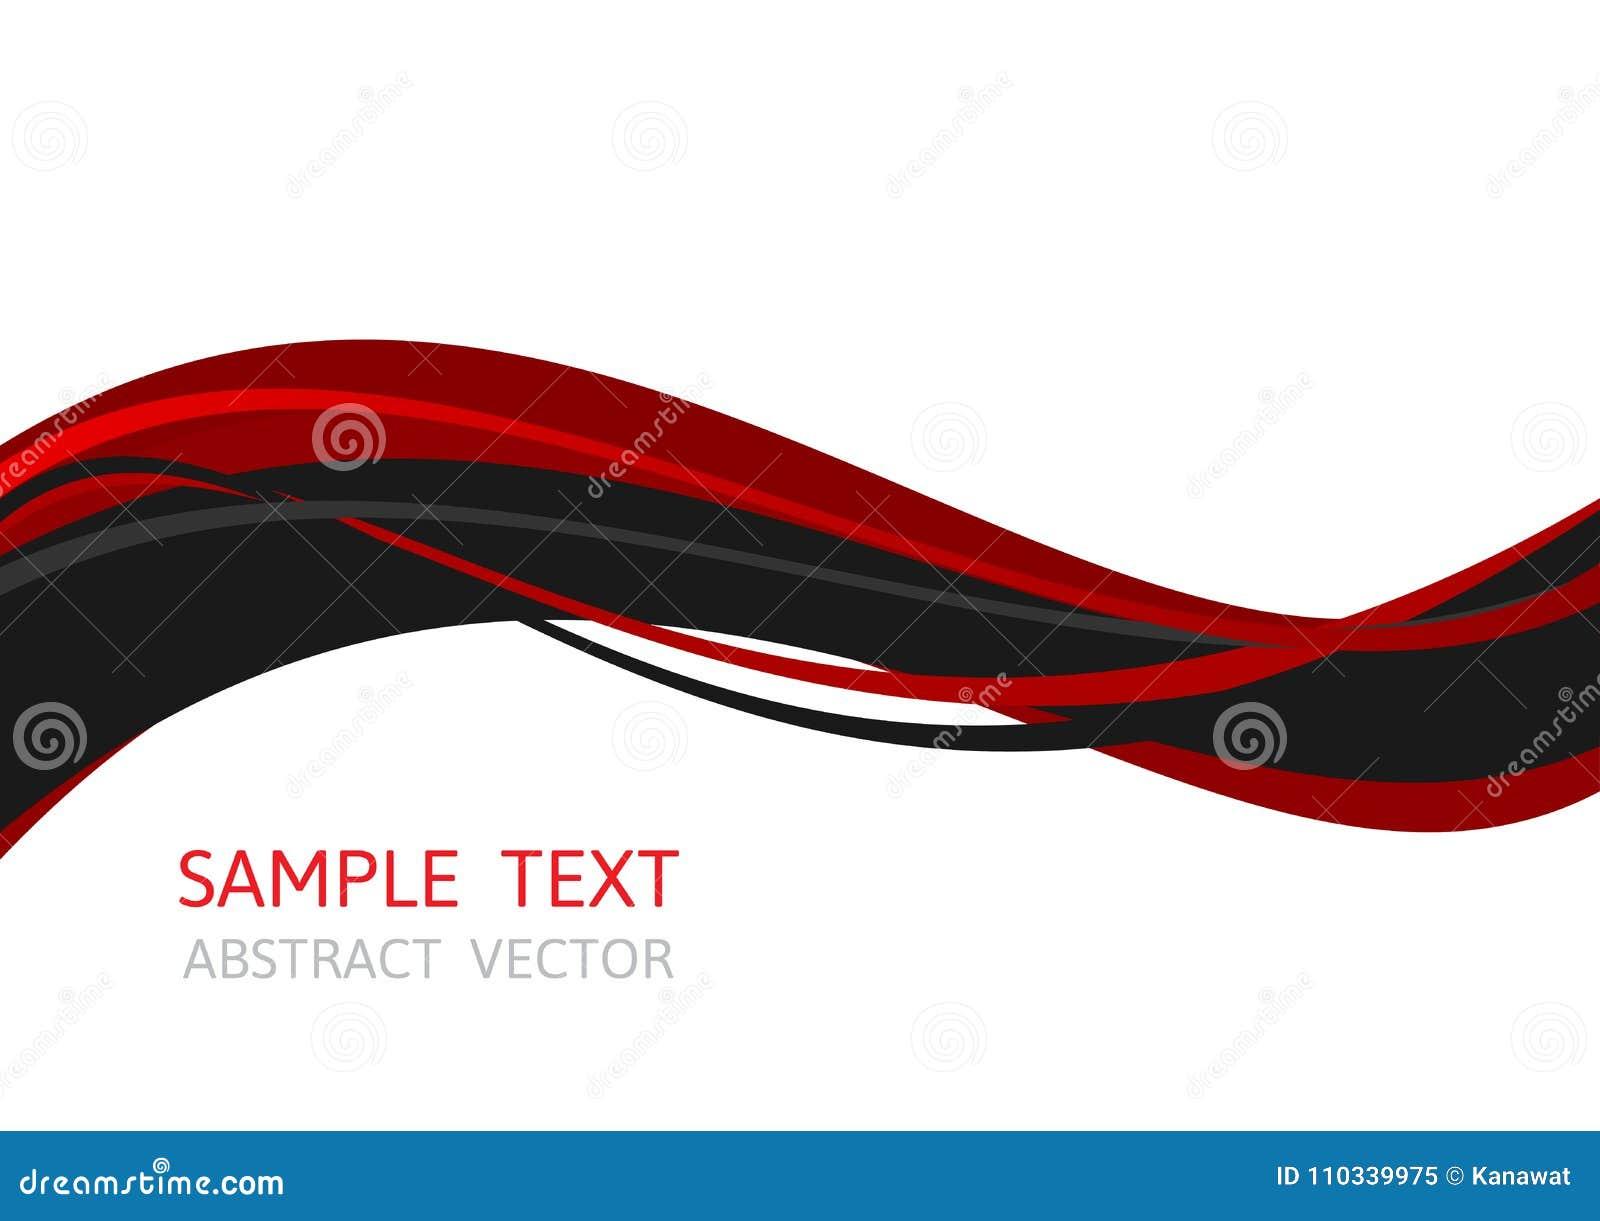 Κόκκινο και μαύρο χρώμα κυμάτων γραμμών, αφηρημένο διανυσματικό υπόβαθρο με το διάστημα αντιγράφων για την επιχείρηση, γραφικό σχ